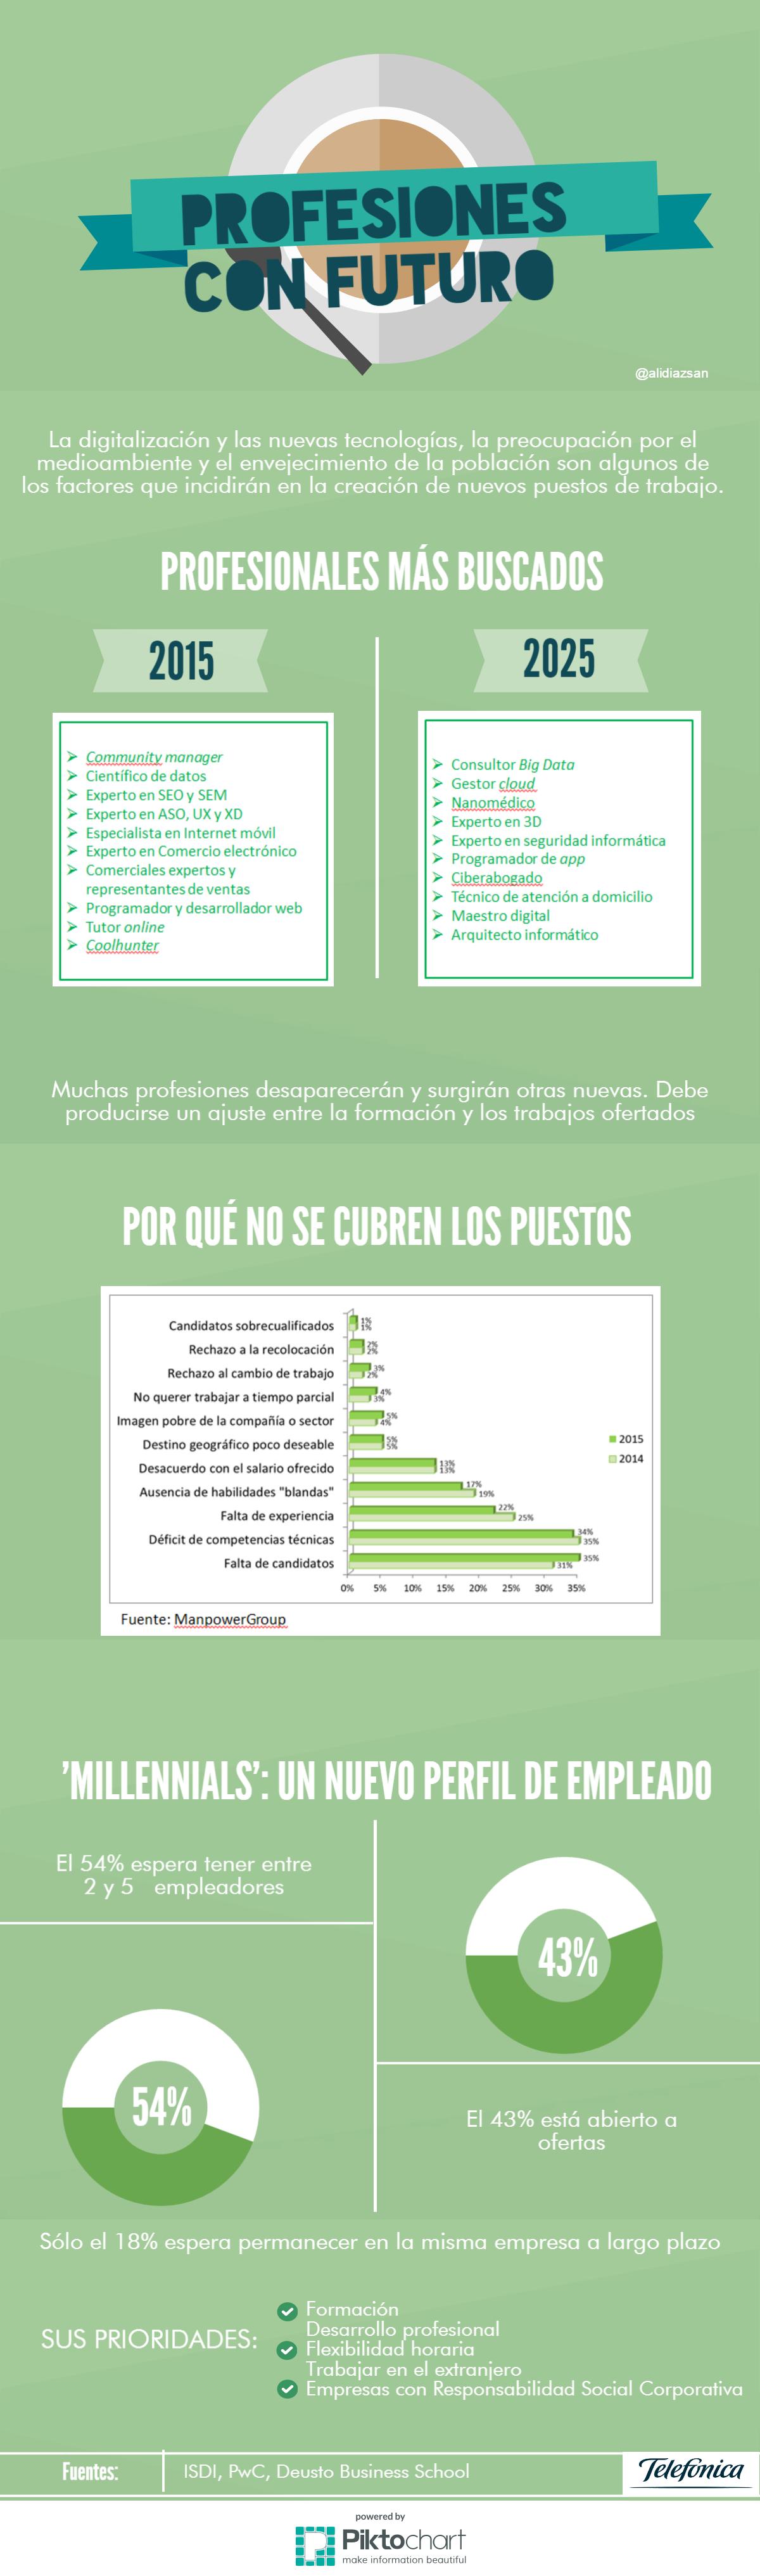 Profesiones con futuro #infografia #infographic #empleo #rrhh ...